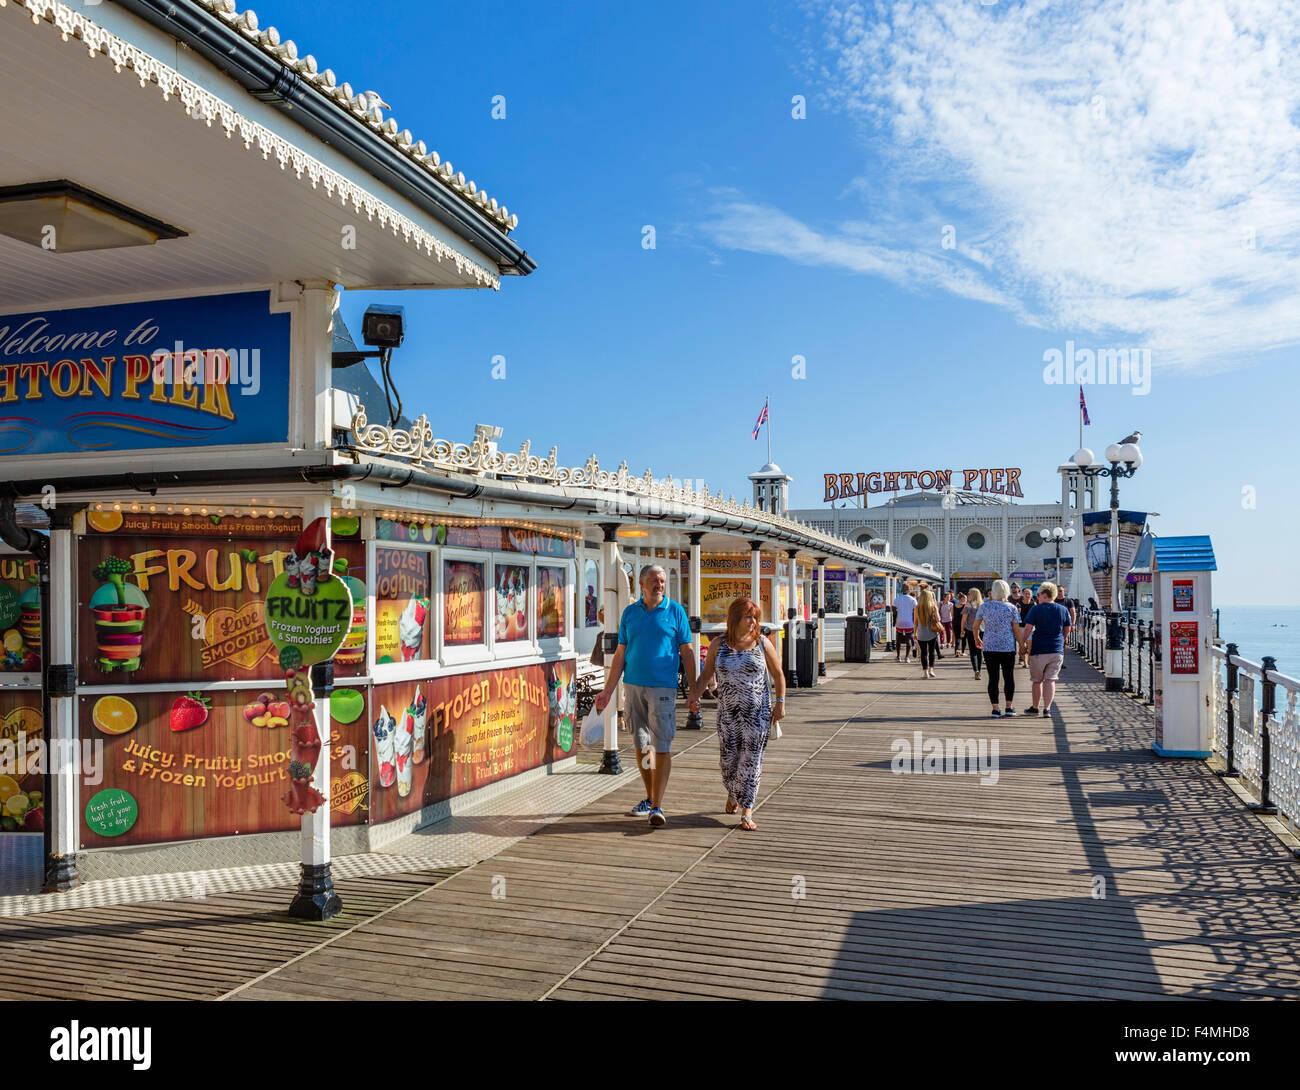 Brighton Pier, Brighton, East Sussex, England, UK - Stock Image